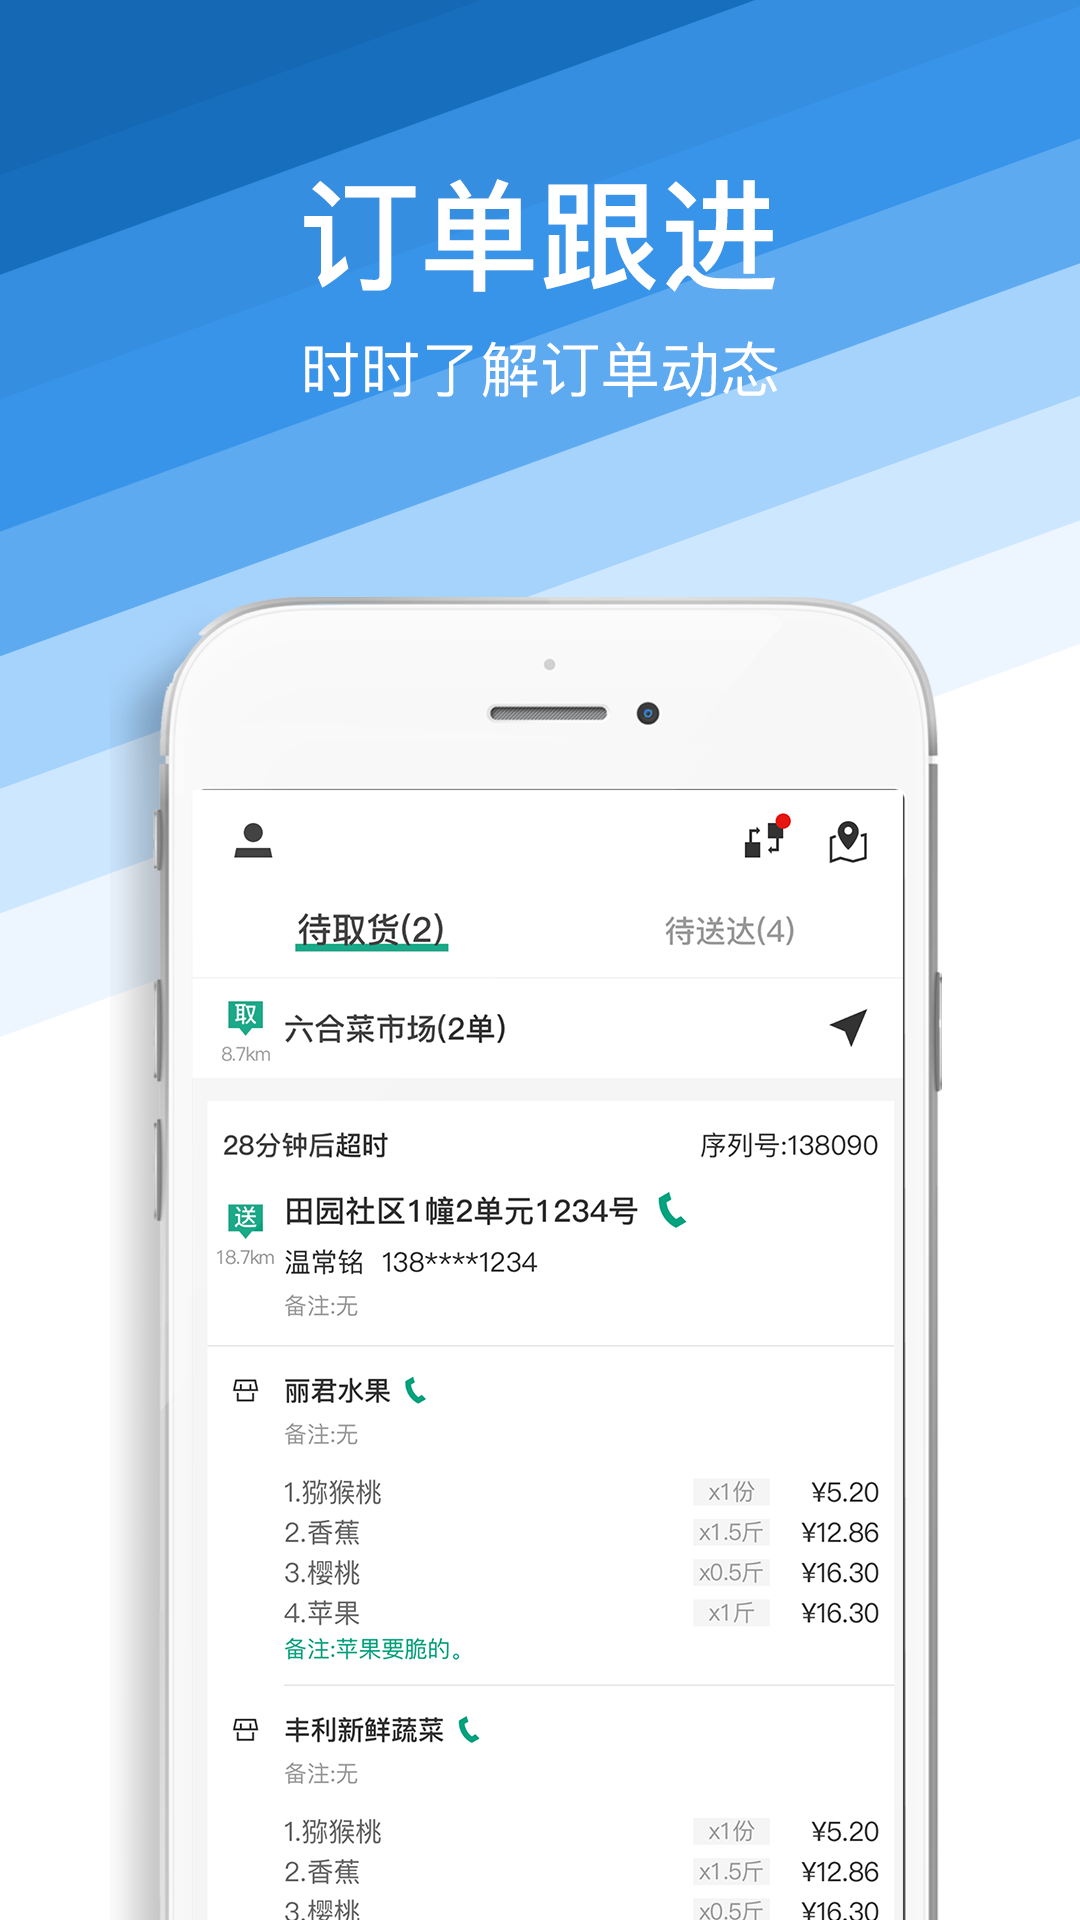 蒋村花园骑手端 V1.1.0 安卓版截图2